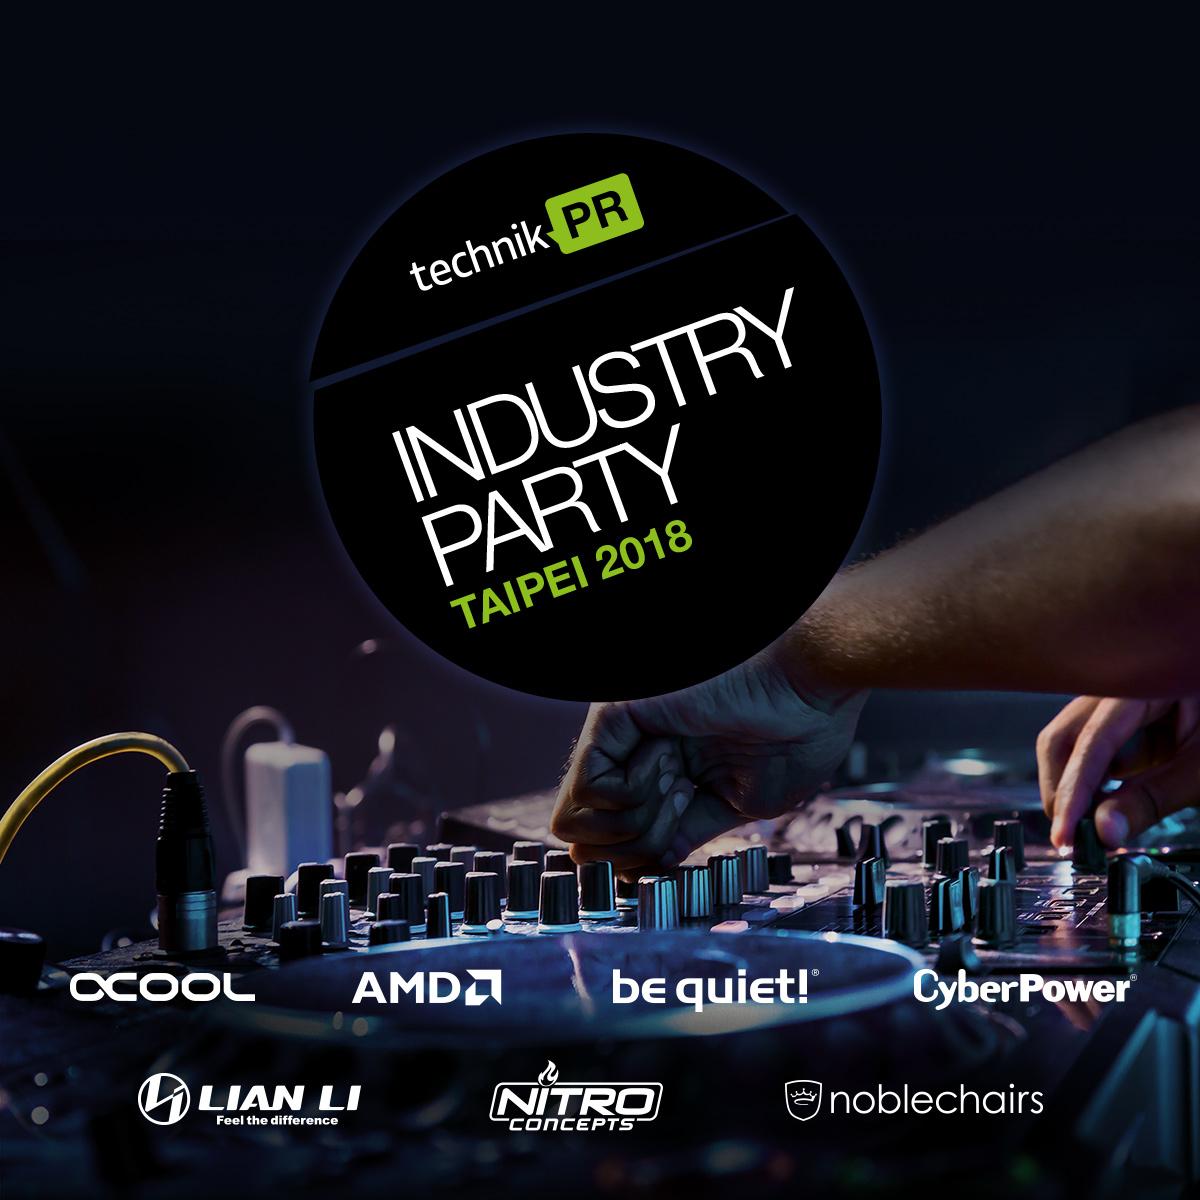 TechnikPR Industry Party 2018